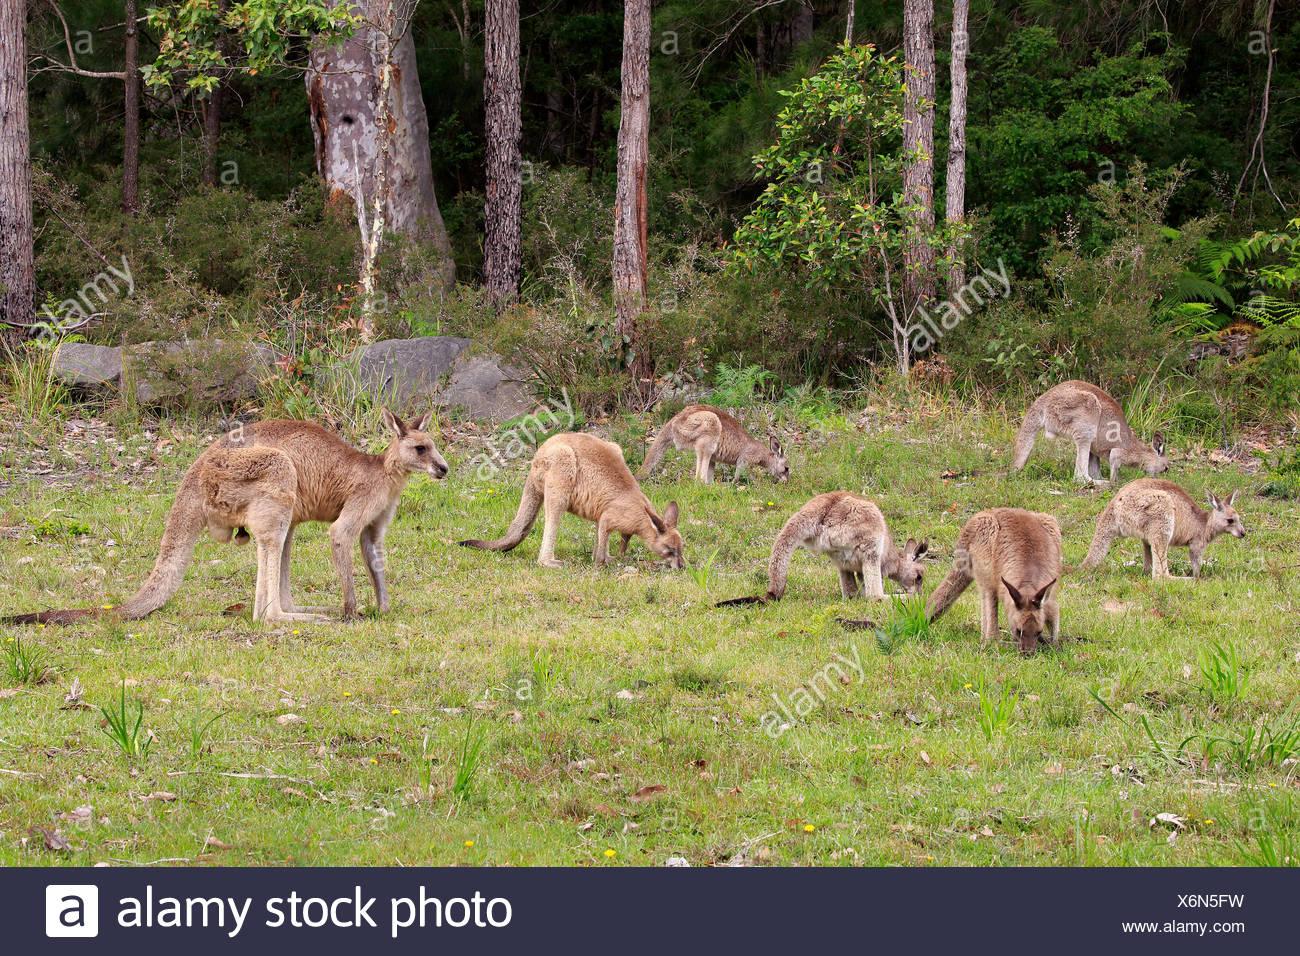 El canguro gris oriental (Macropus giganteus), grupo de alimentación, el forrajeo, Feliz Playa, Parque Nacional Murramarang, Nueva Gales del Sur Imagen De Stock